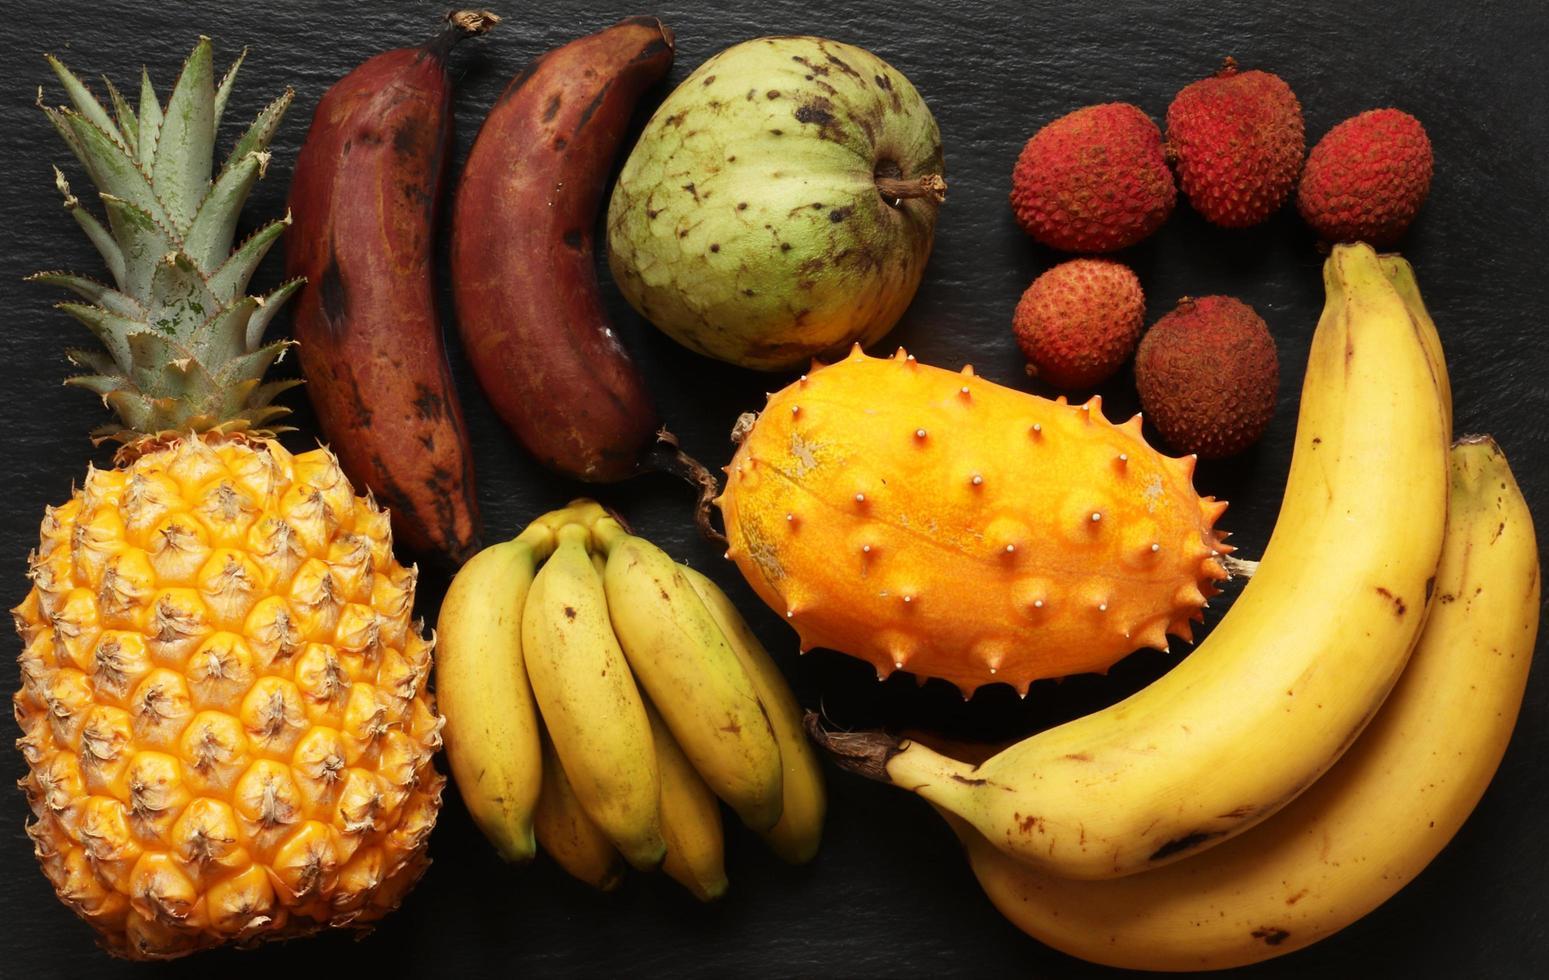 foto van verschillende tropische vruchten op leisteen achtergrond voor voedsel illustratie